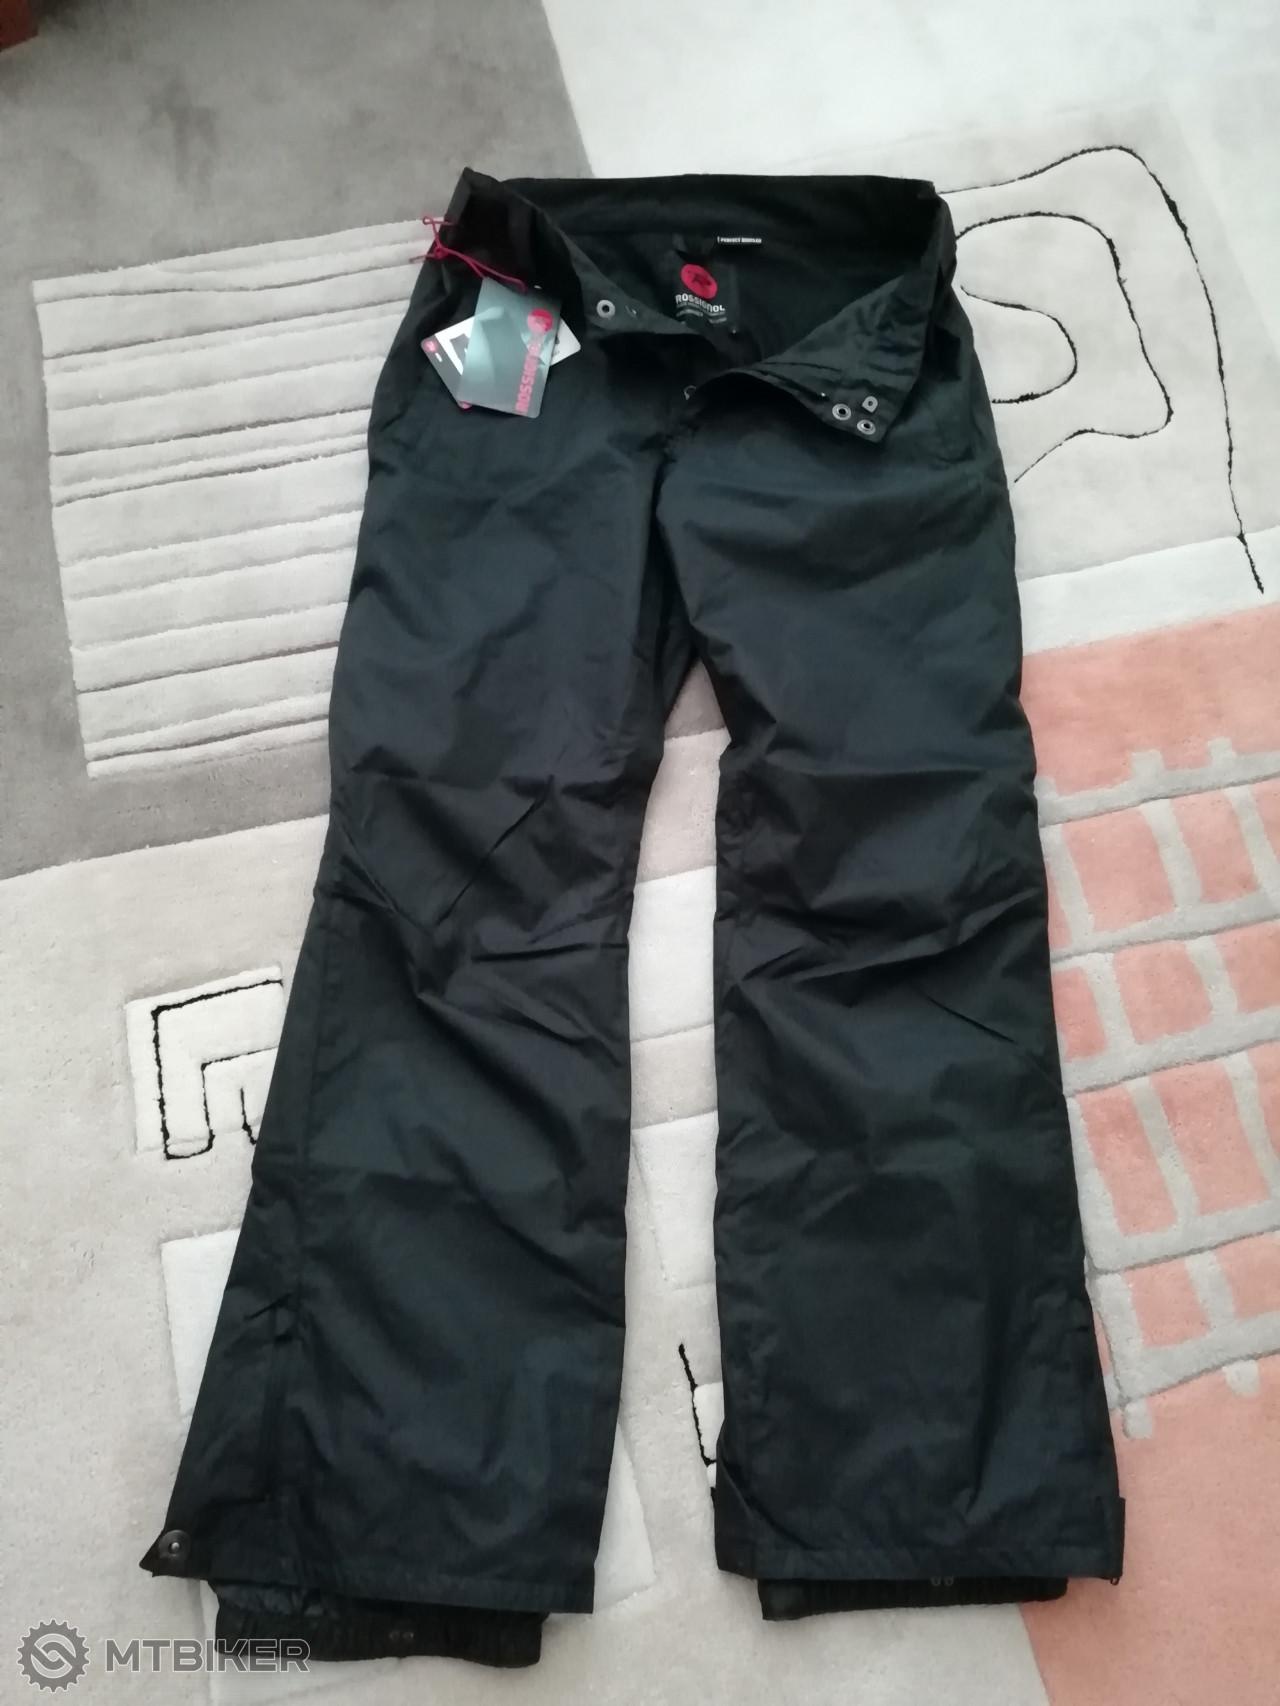 01ff8bd6883d Rossignol Lyžiarske Nohavice - Príslušenstvo - Oblečenie a batohy - Bazár  MTBIKER